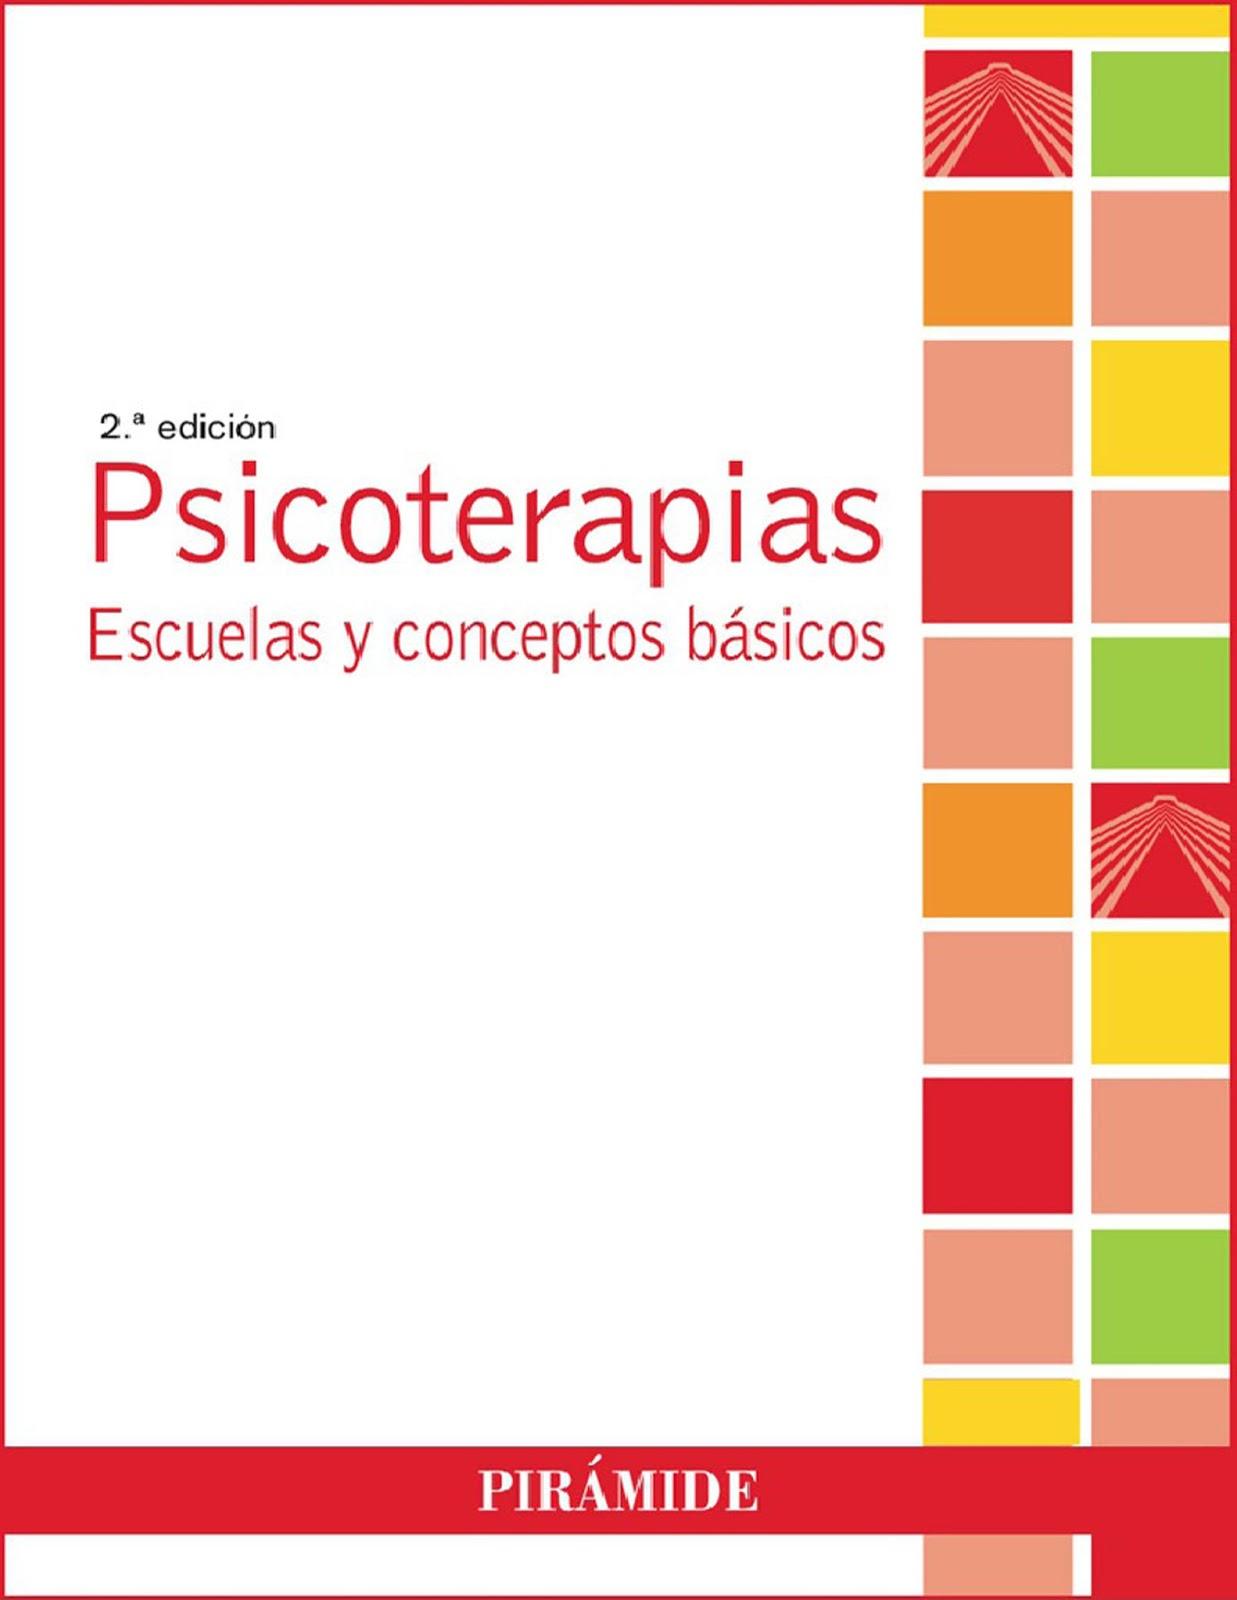 Psicoterapias: Escuelas y conceptos básicos, 2da. Edición – José Luis Martorell